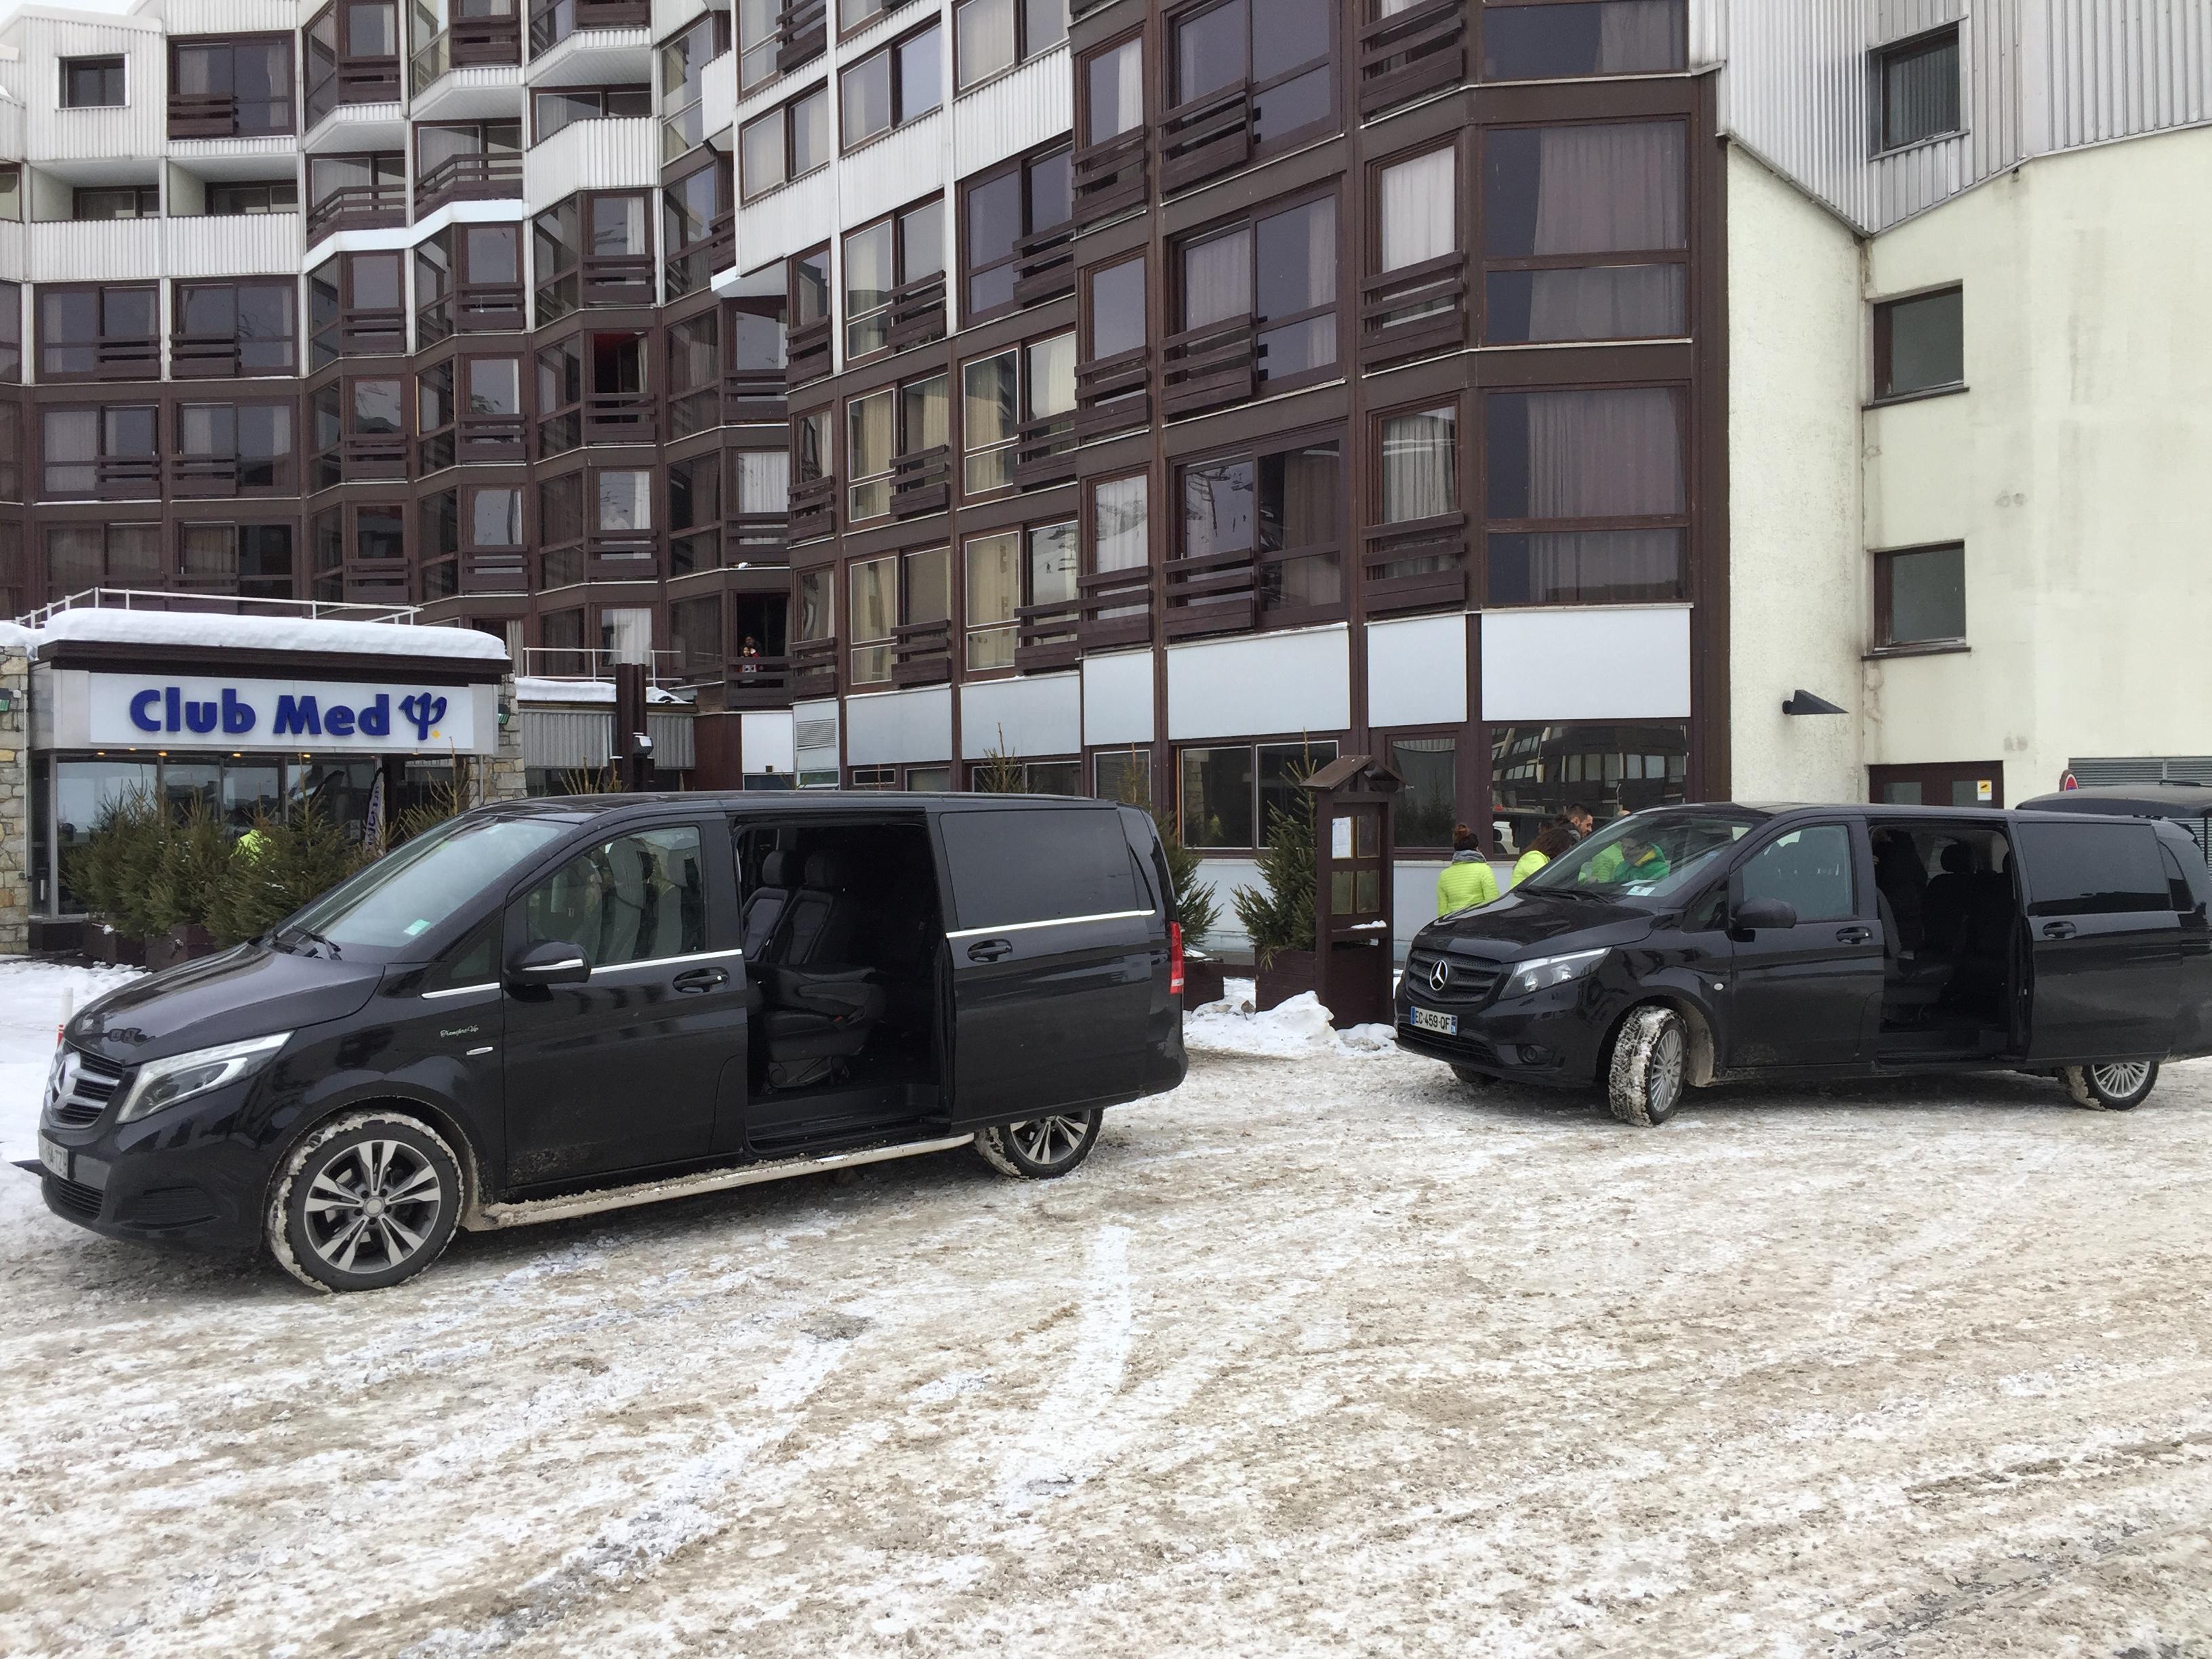 Northern Alps ski resort transfers